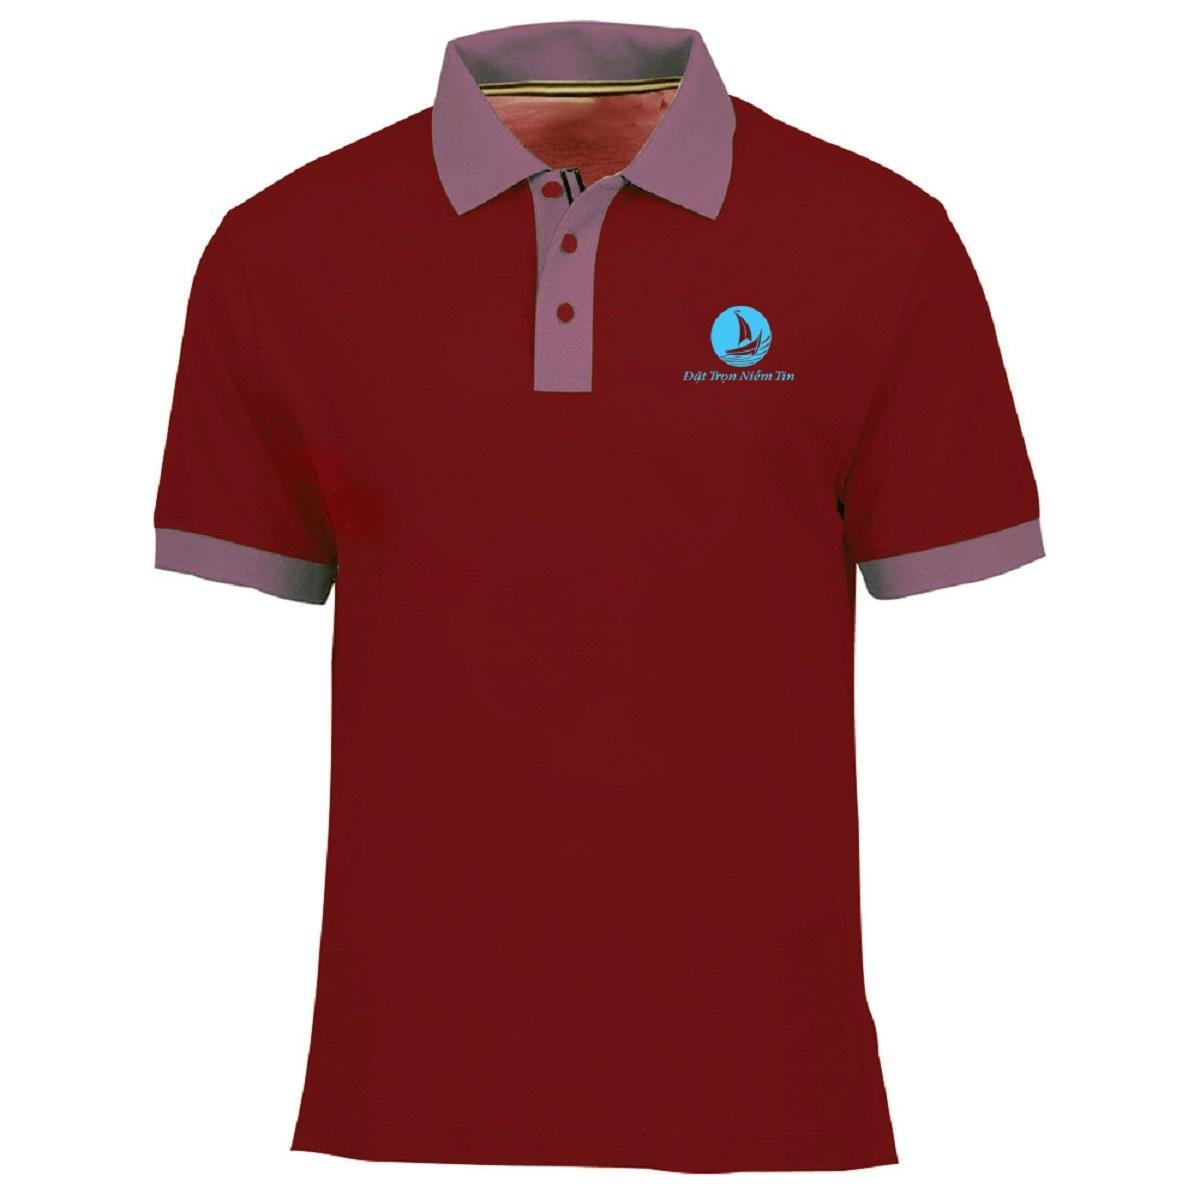 Mẫu áo thun đồng phục đẹp, giá rẻ 2020